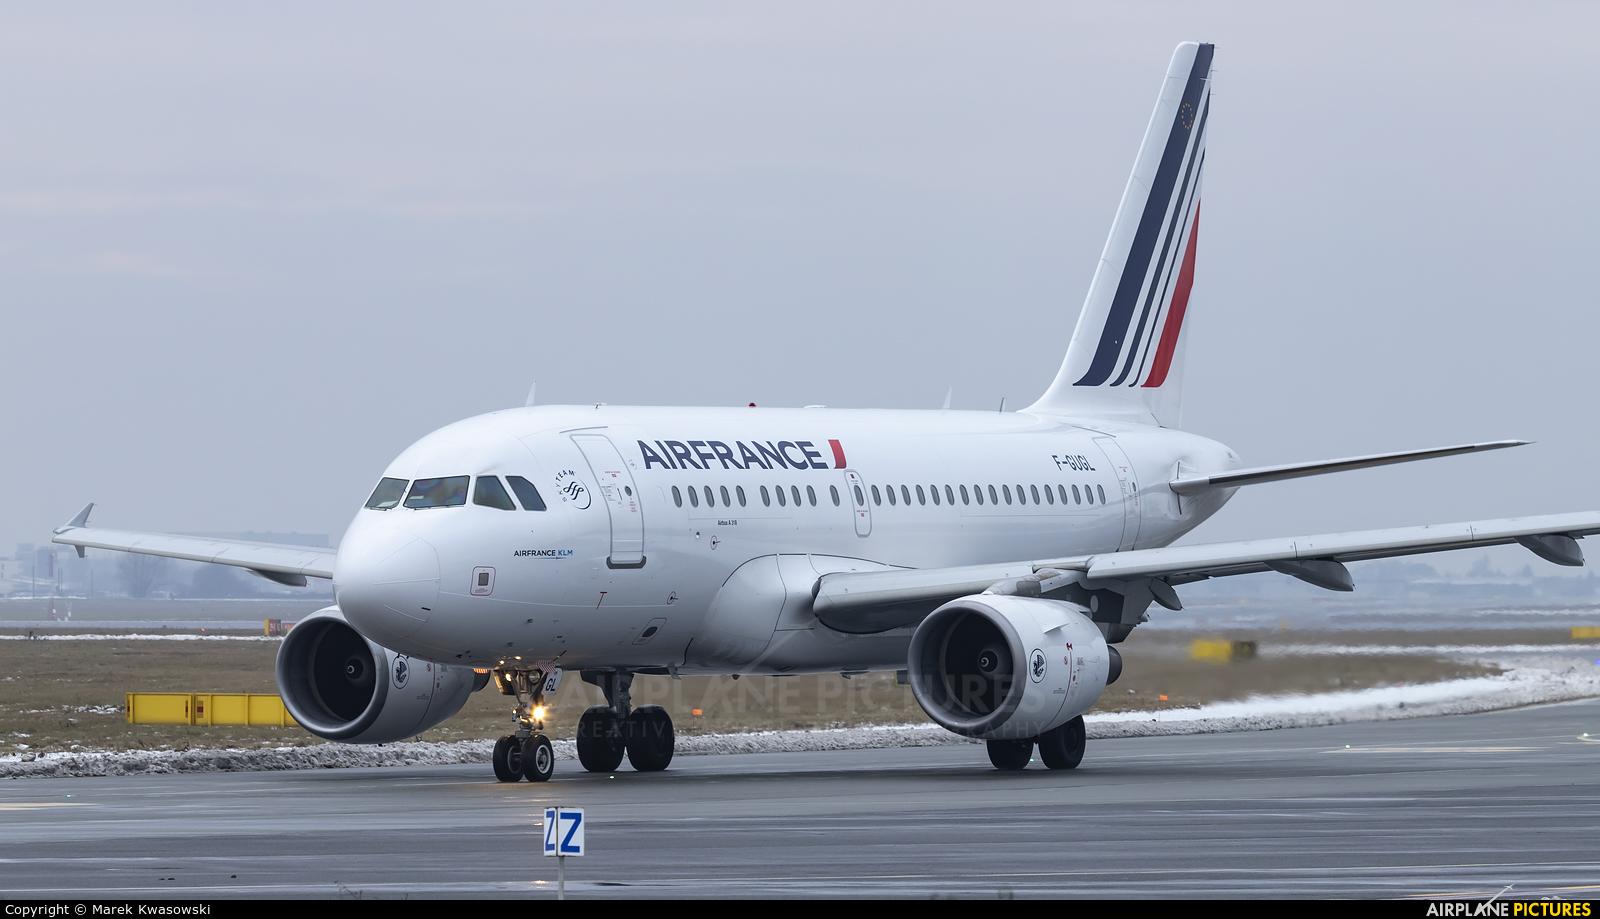 Air France F-GUGL aircraft at Warsaw - Frederic Chopin